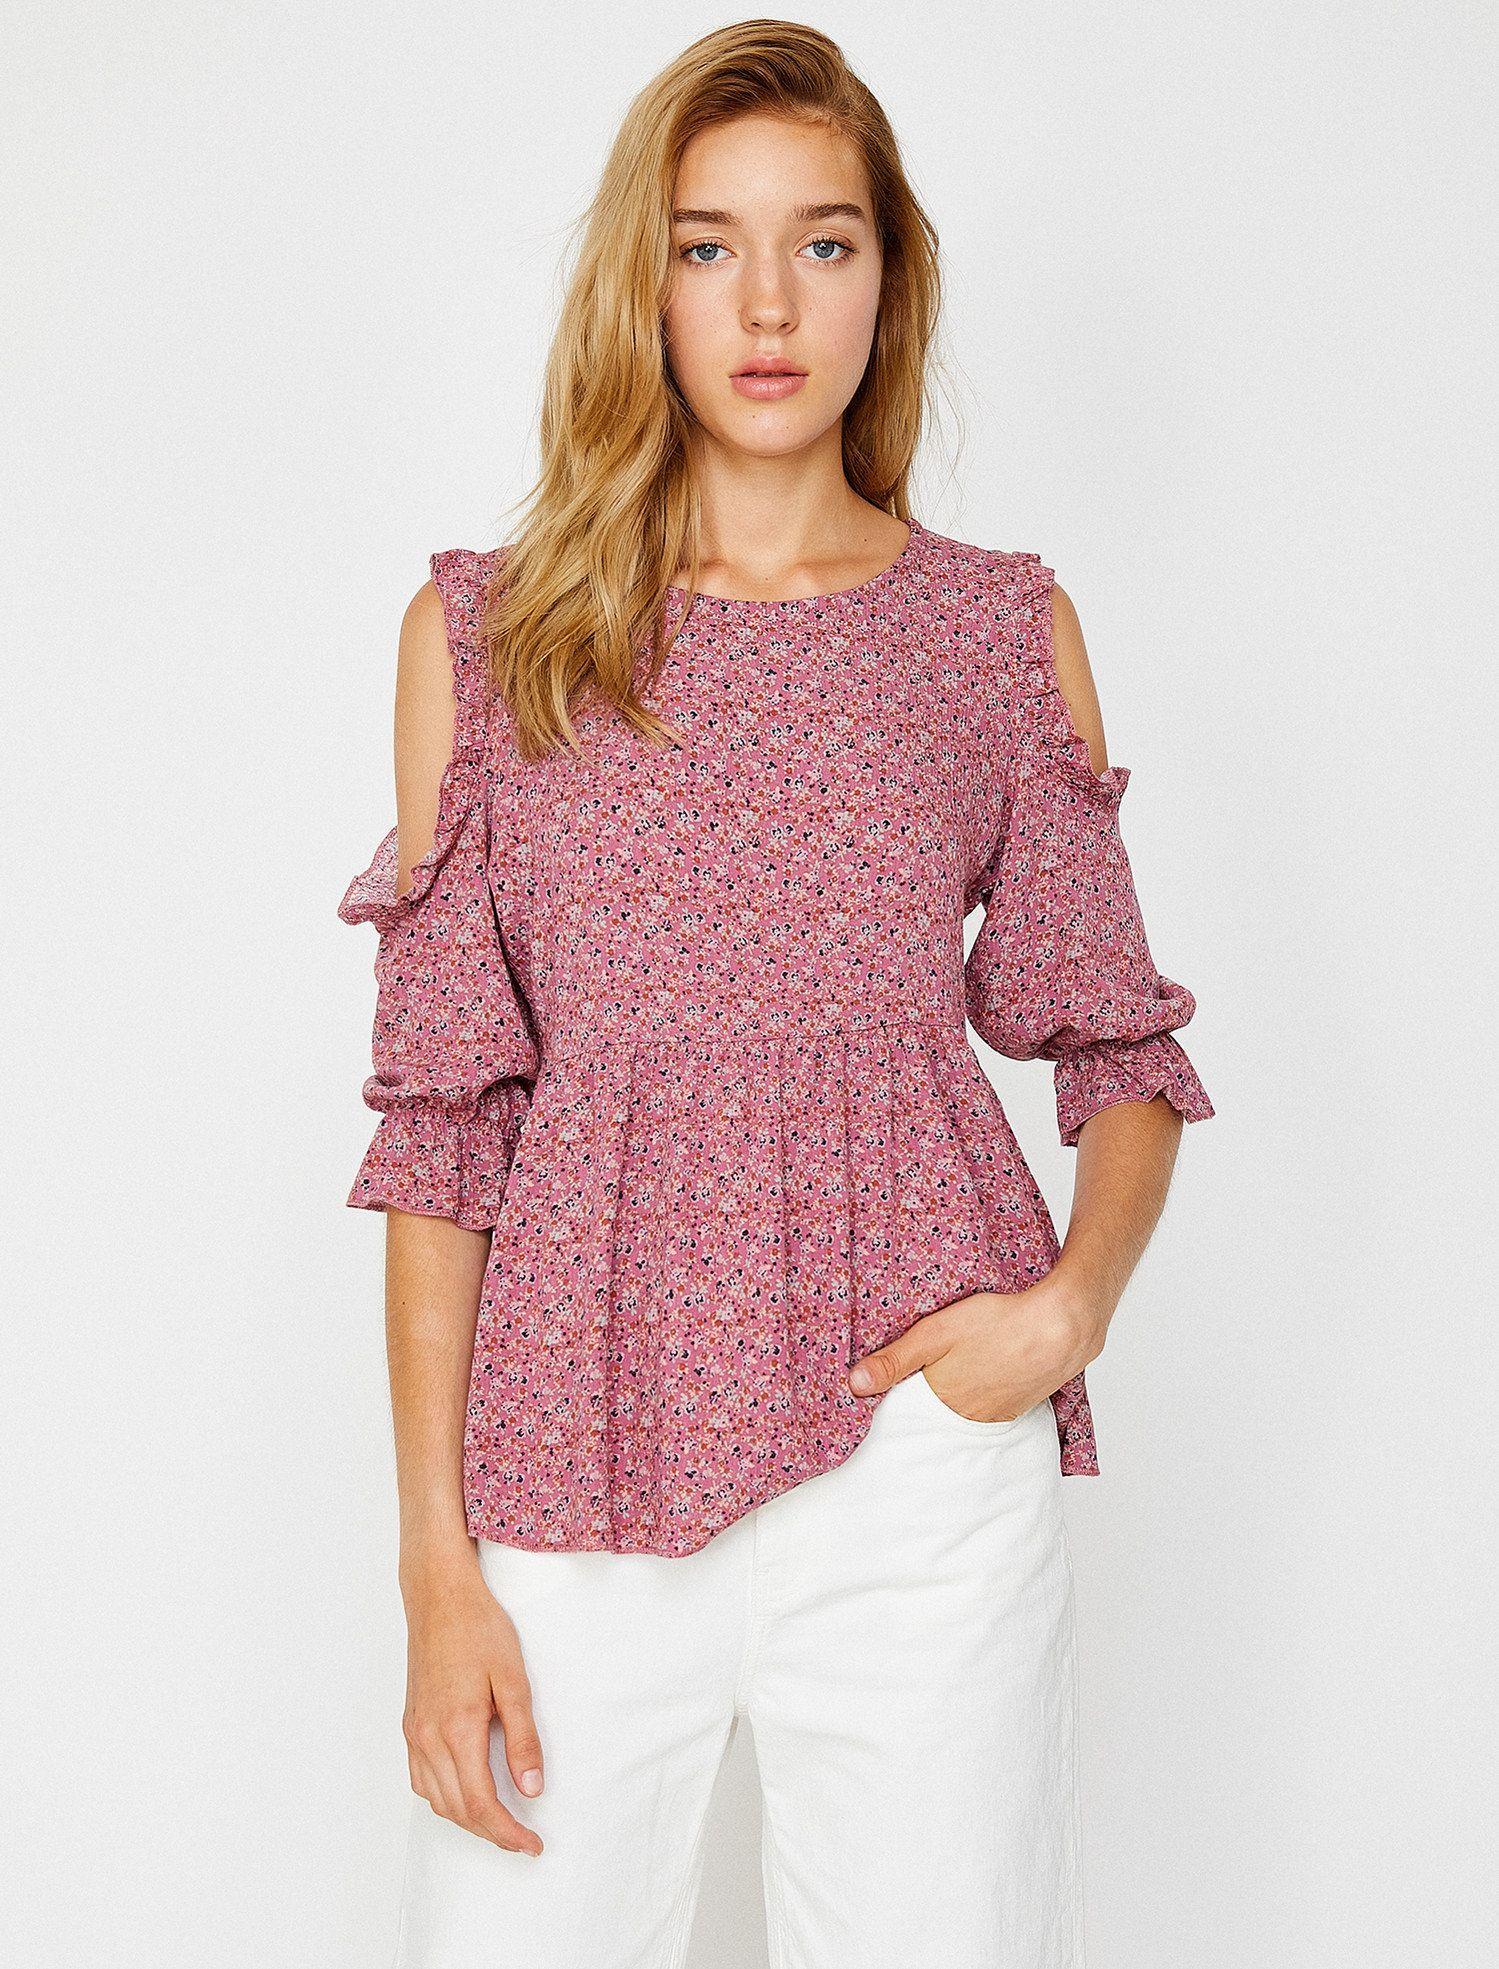 Patterned Blouse Bluz Kadin Olmak Kadin